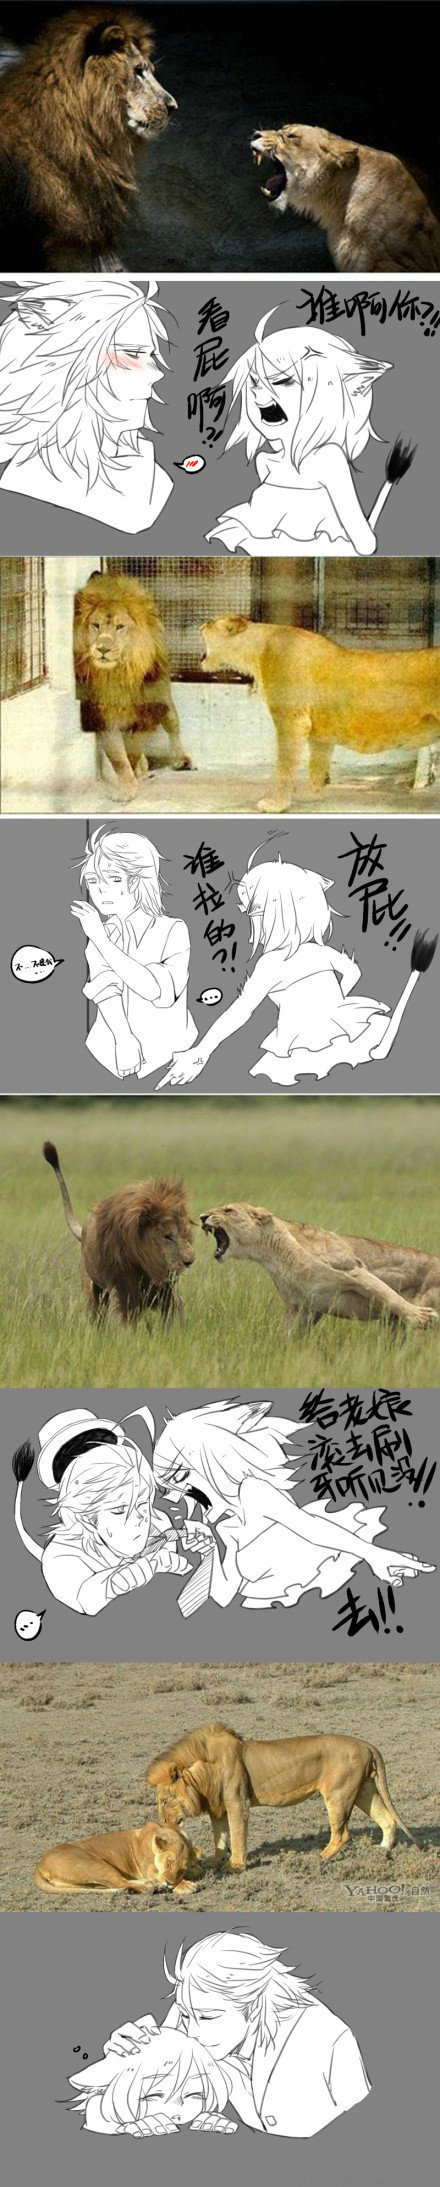 【男人本该如此】狮子拟人,暴娇狮子娘和隐忍狮子王。「by 波液就是BOYER」